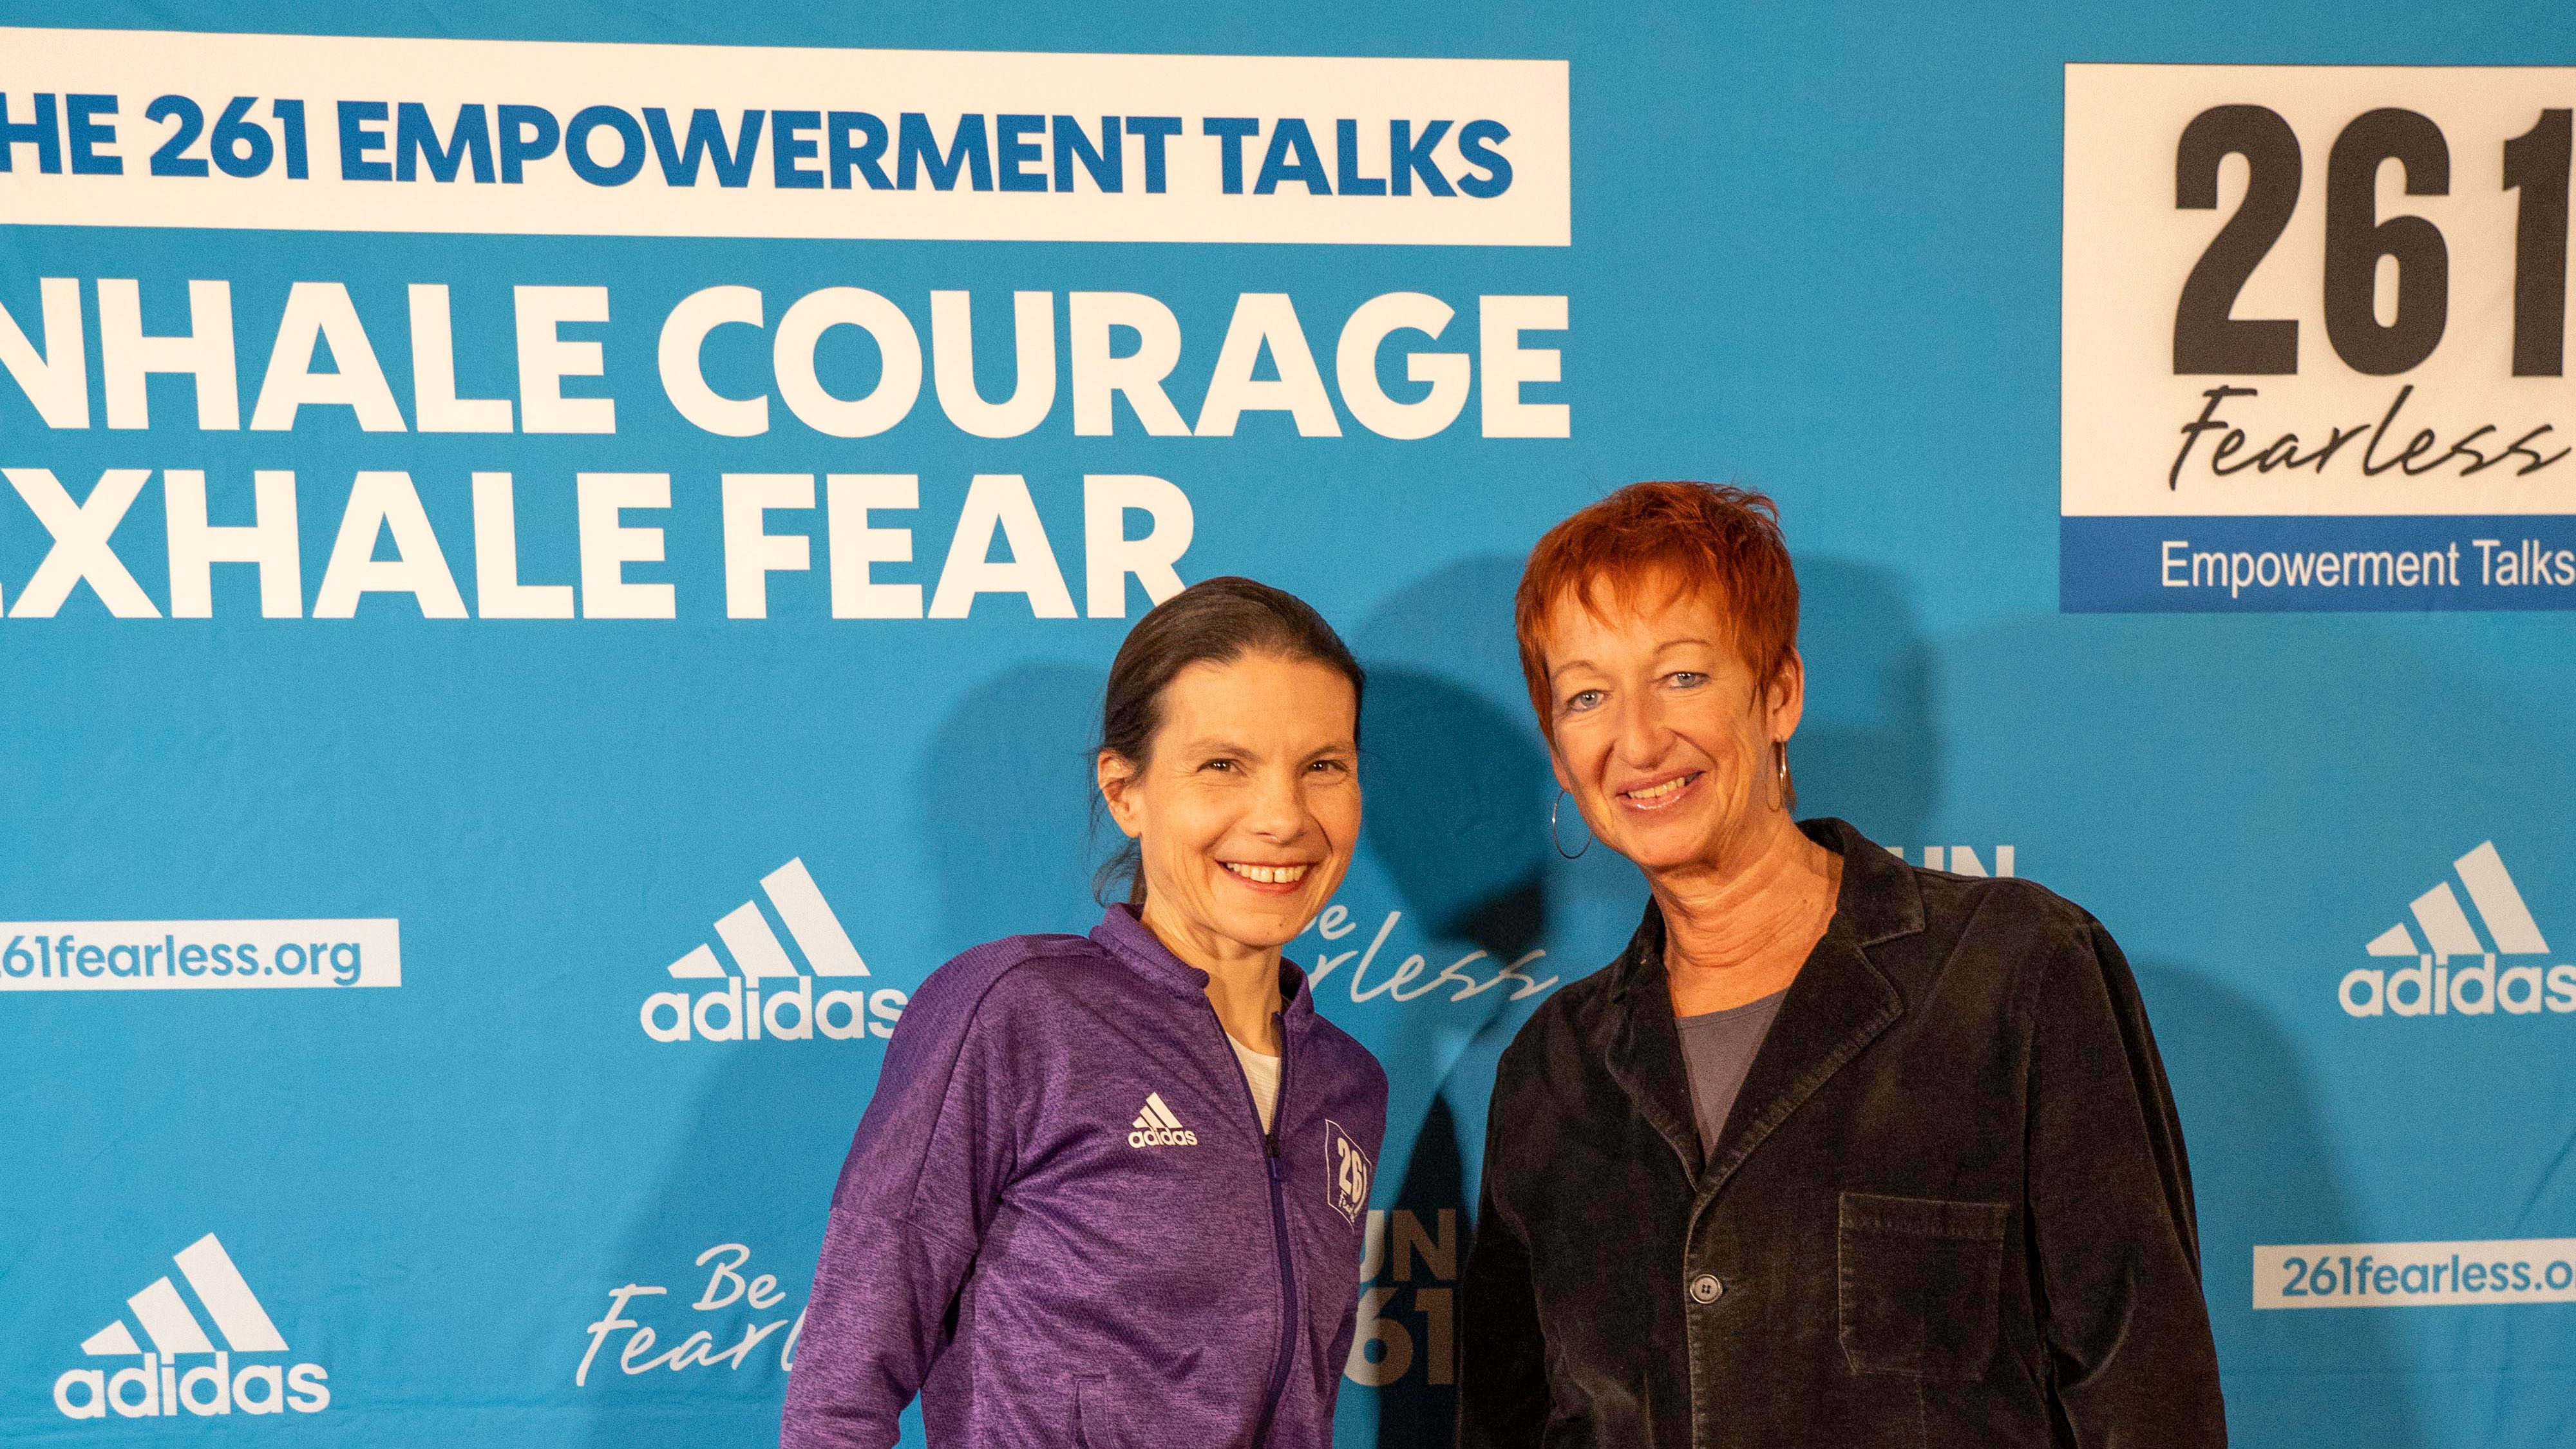 Empowerment Talk - Women - Event